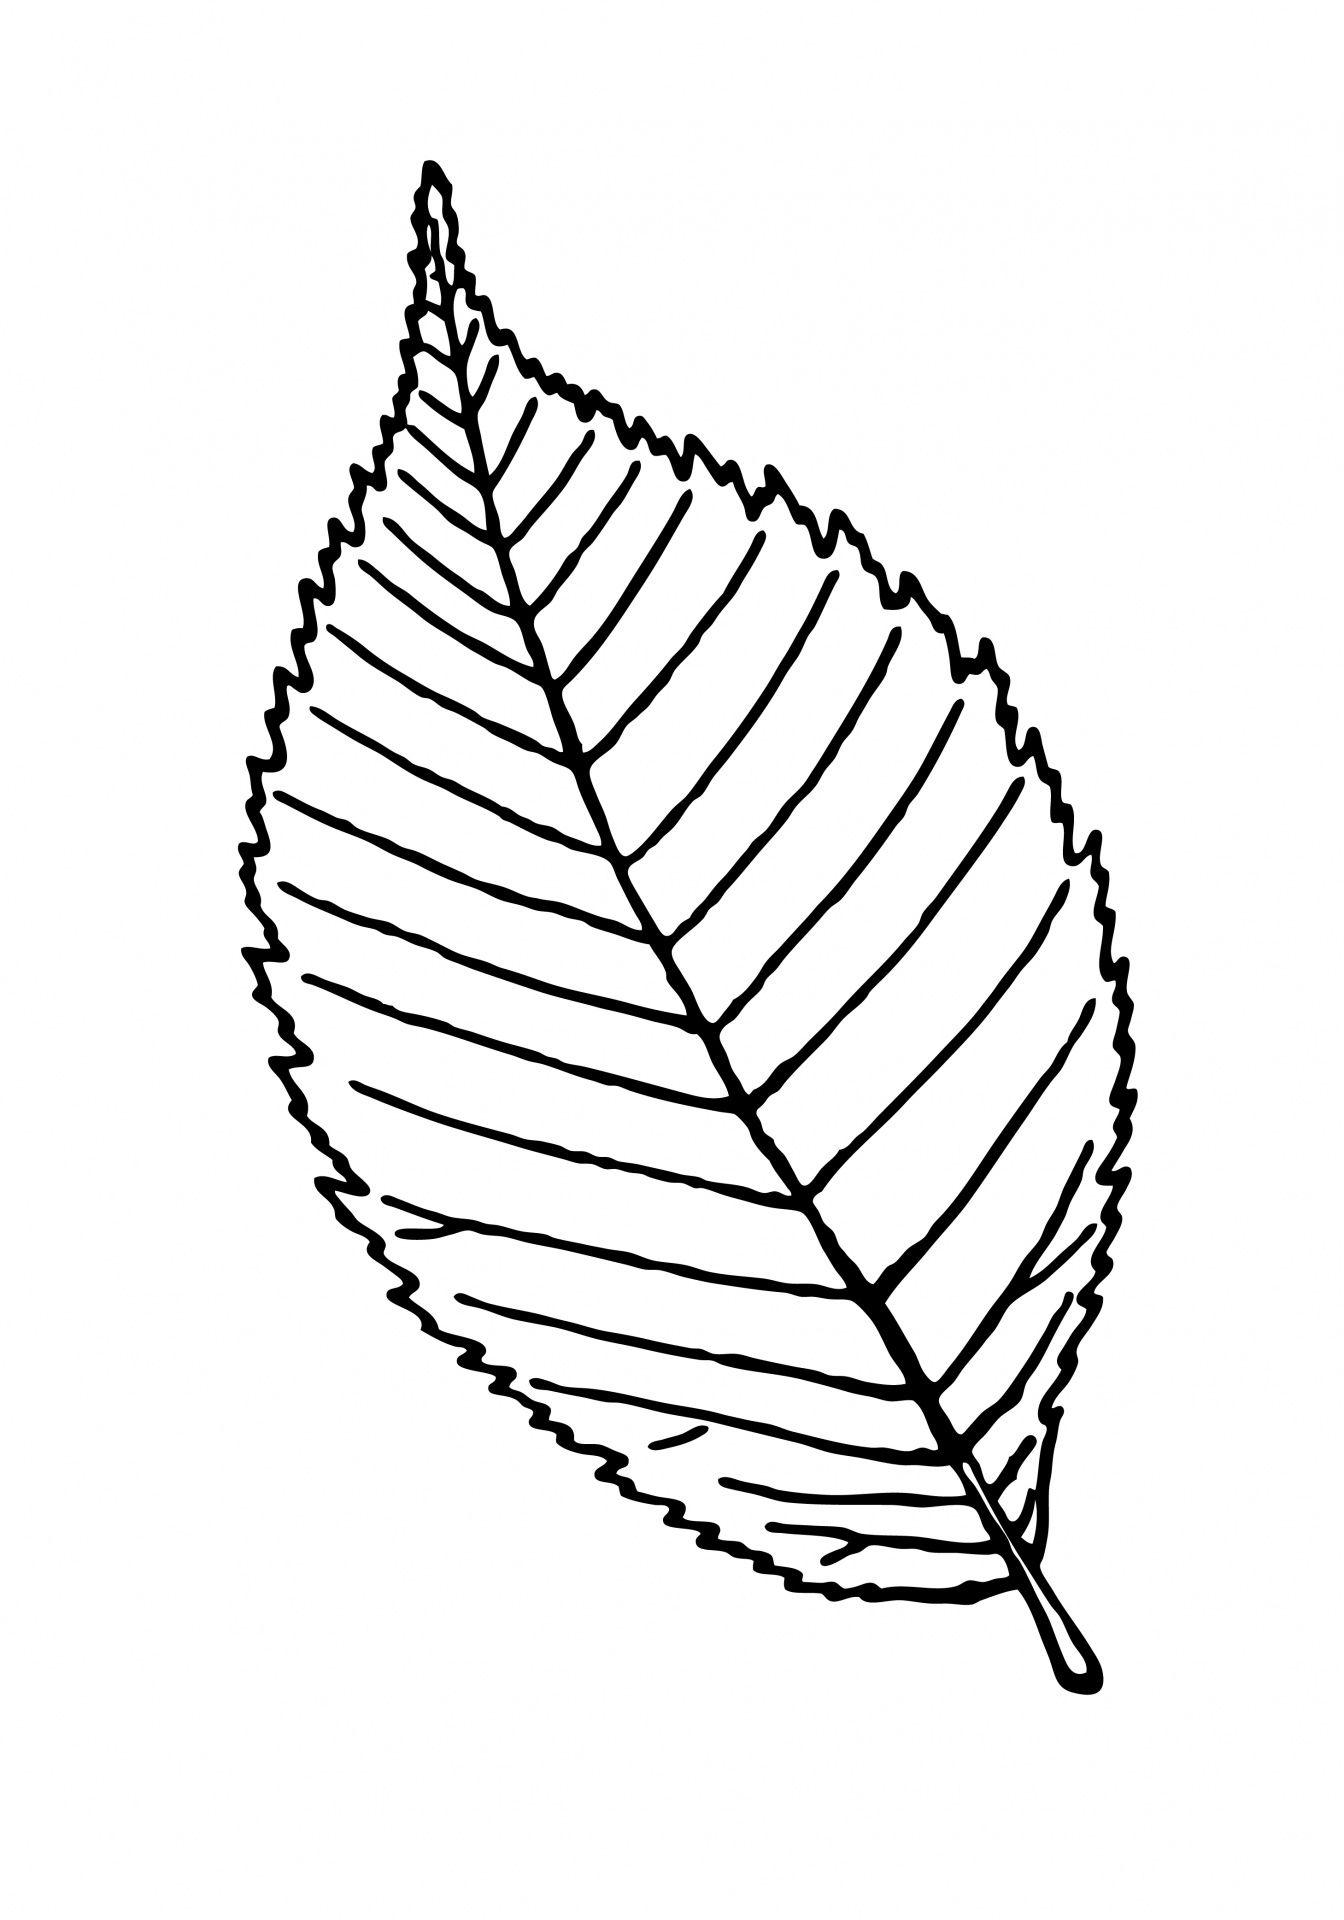 Leaf outline clipart illustration free.